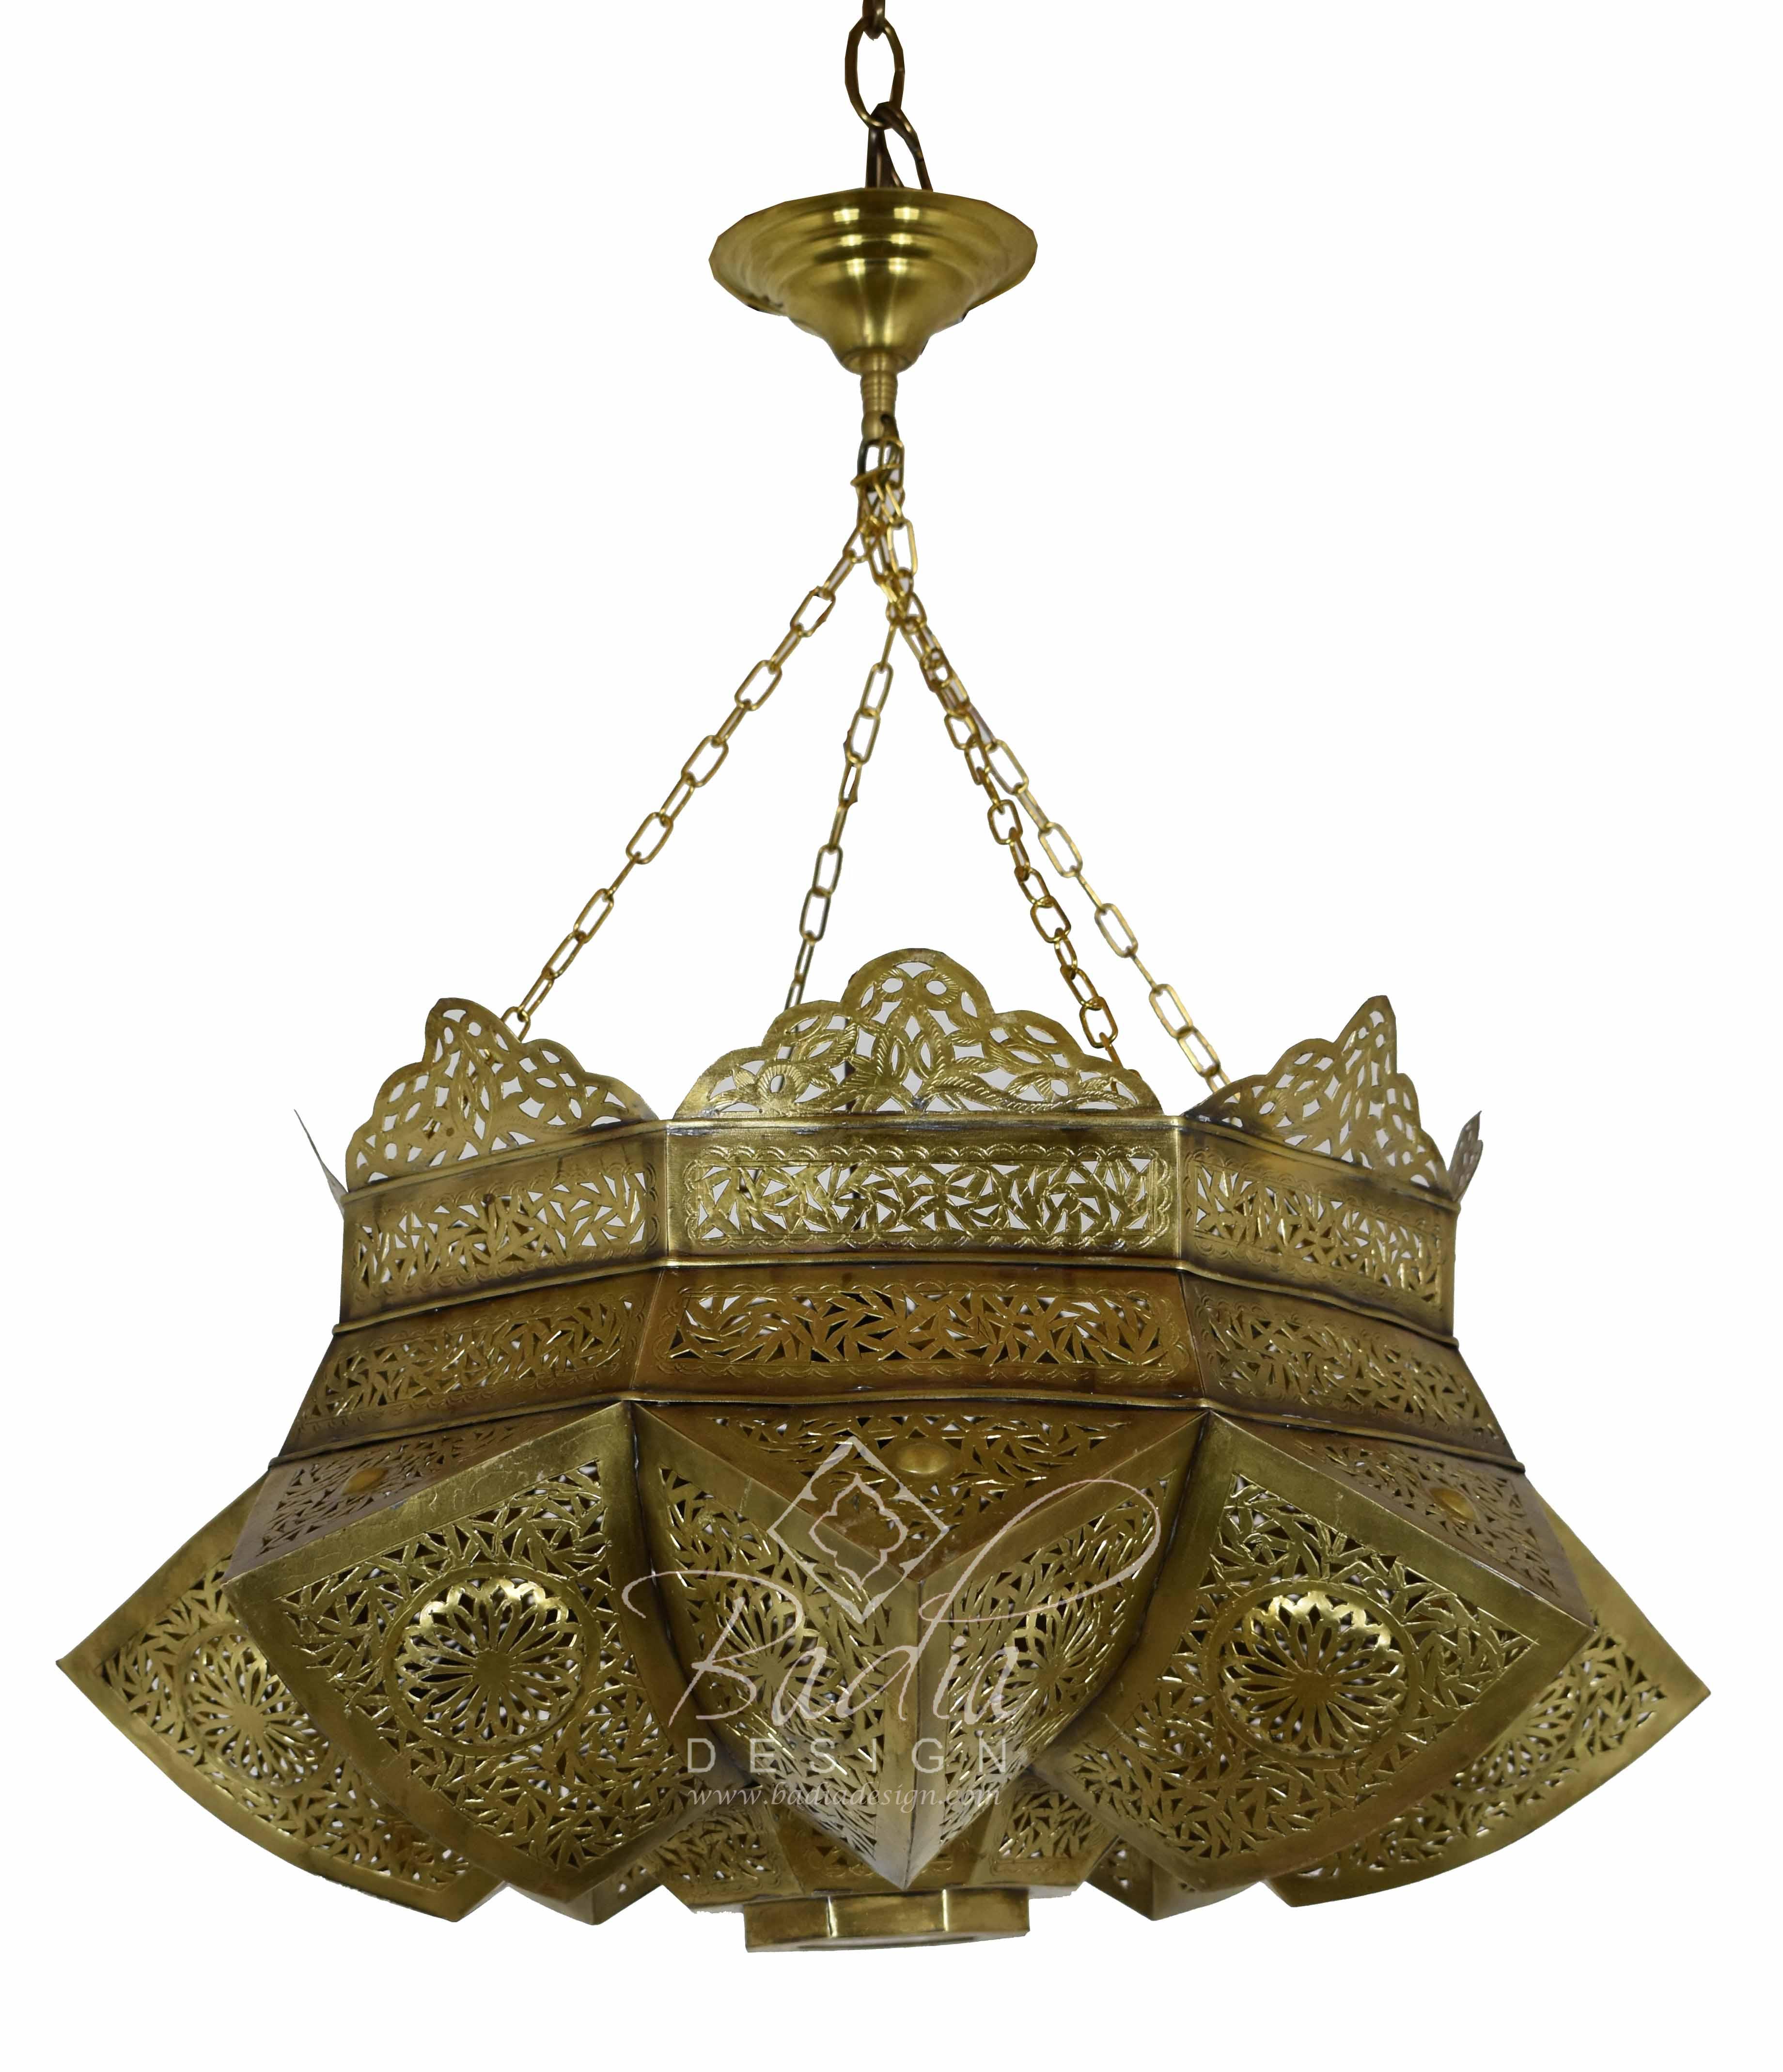 mediterranean-style-brass-chandelier-ch284-1.jpg